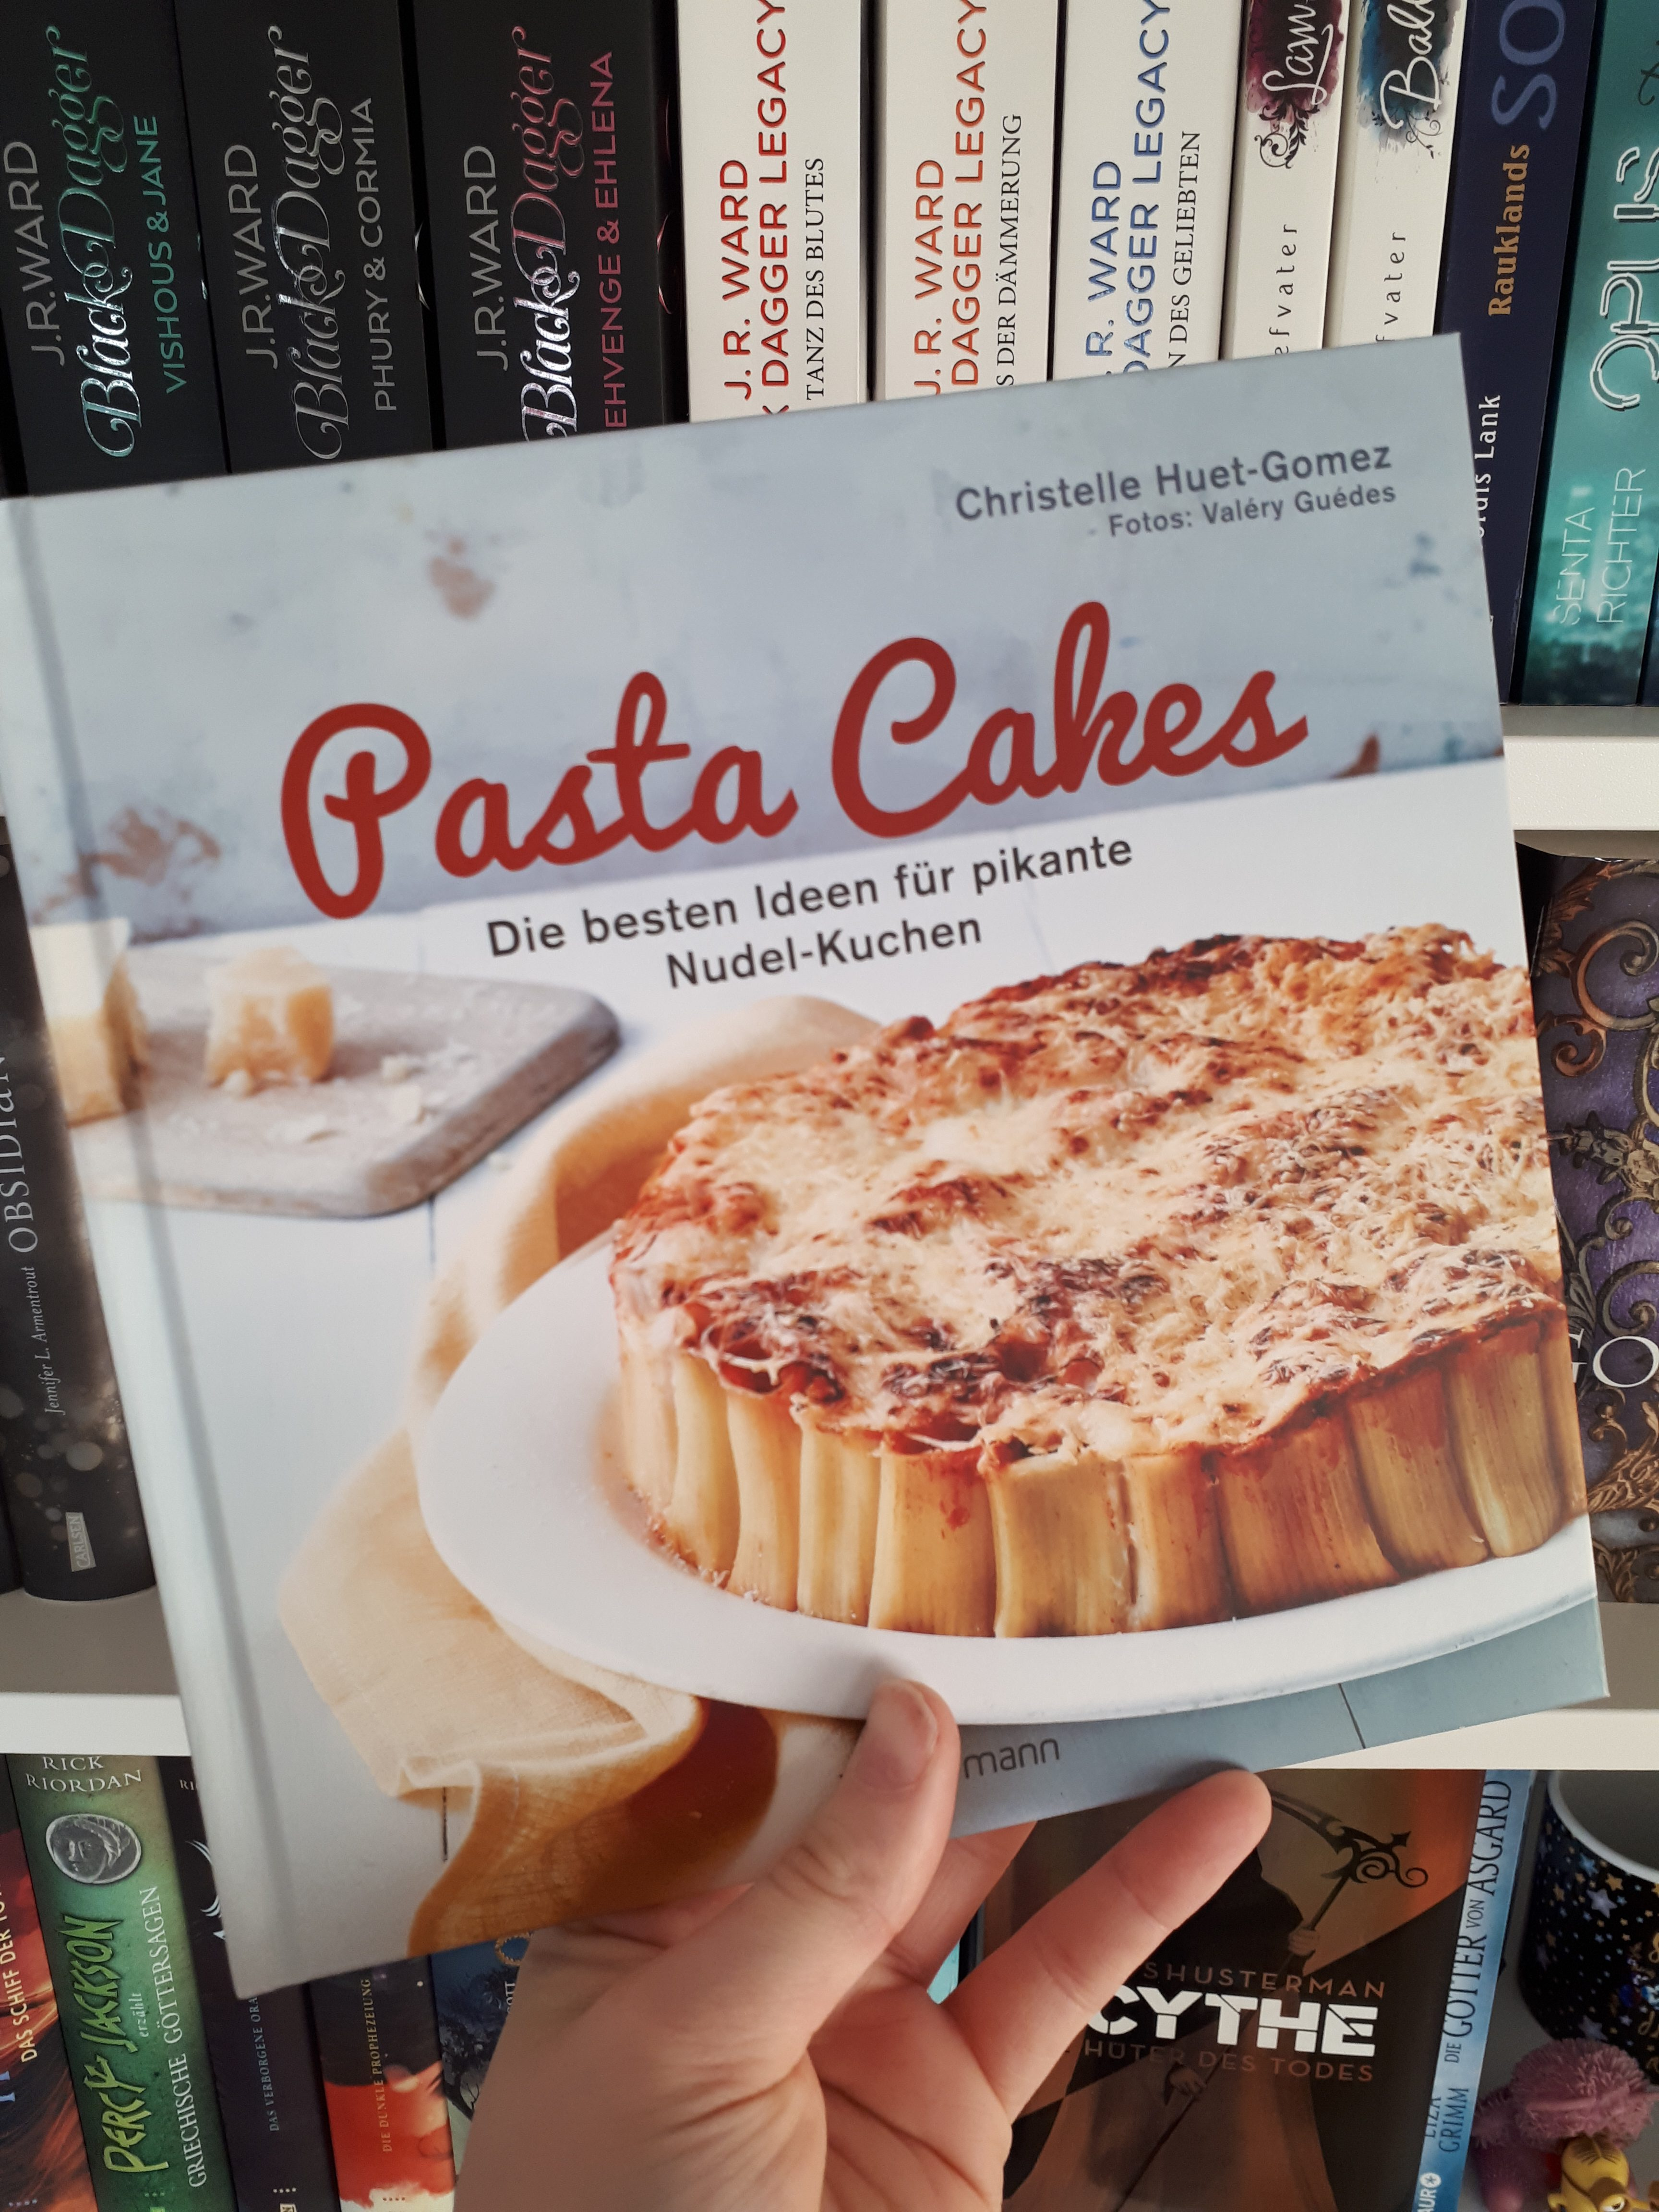 [Werbung] Pasta Cakes: Die besten Ideen für pikante Nudel-Kuchen – Christelle Huet-Gomez